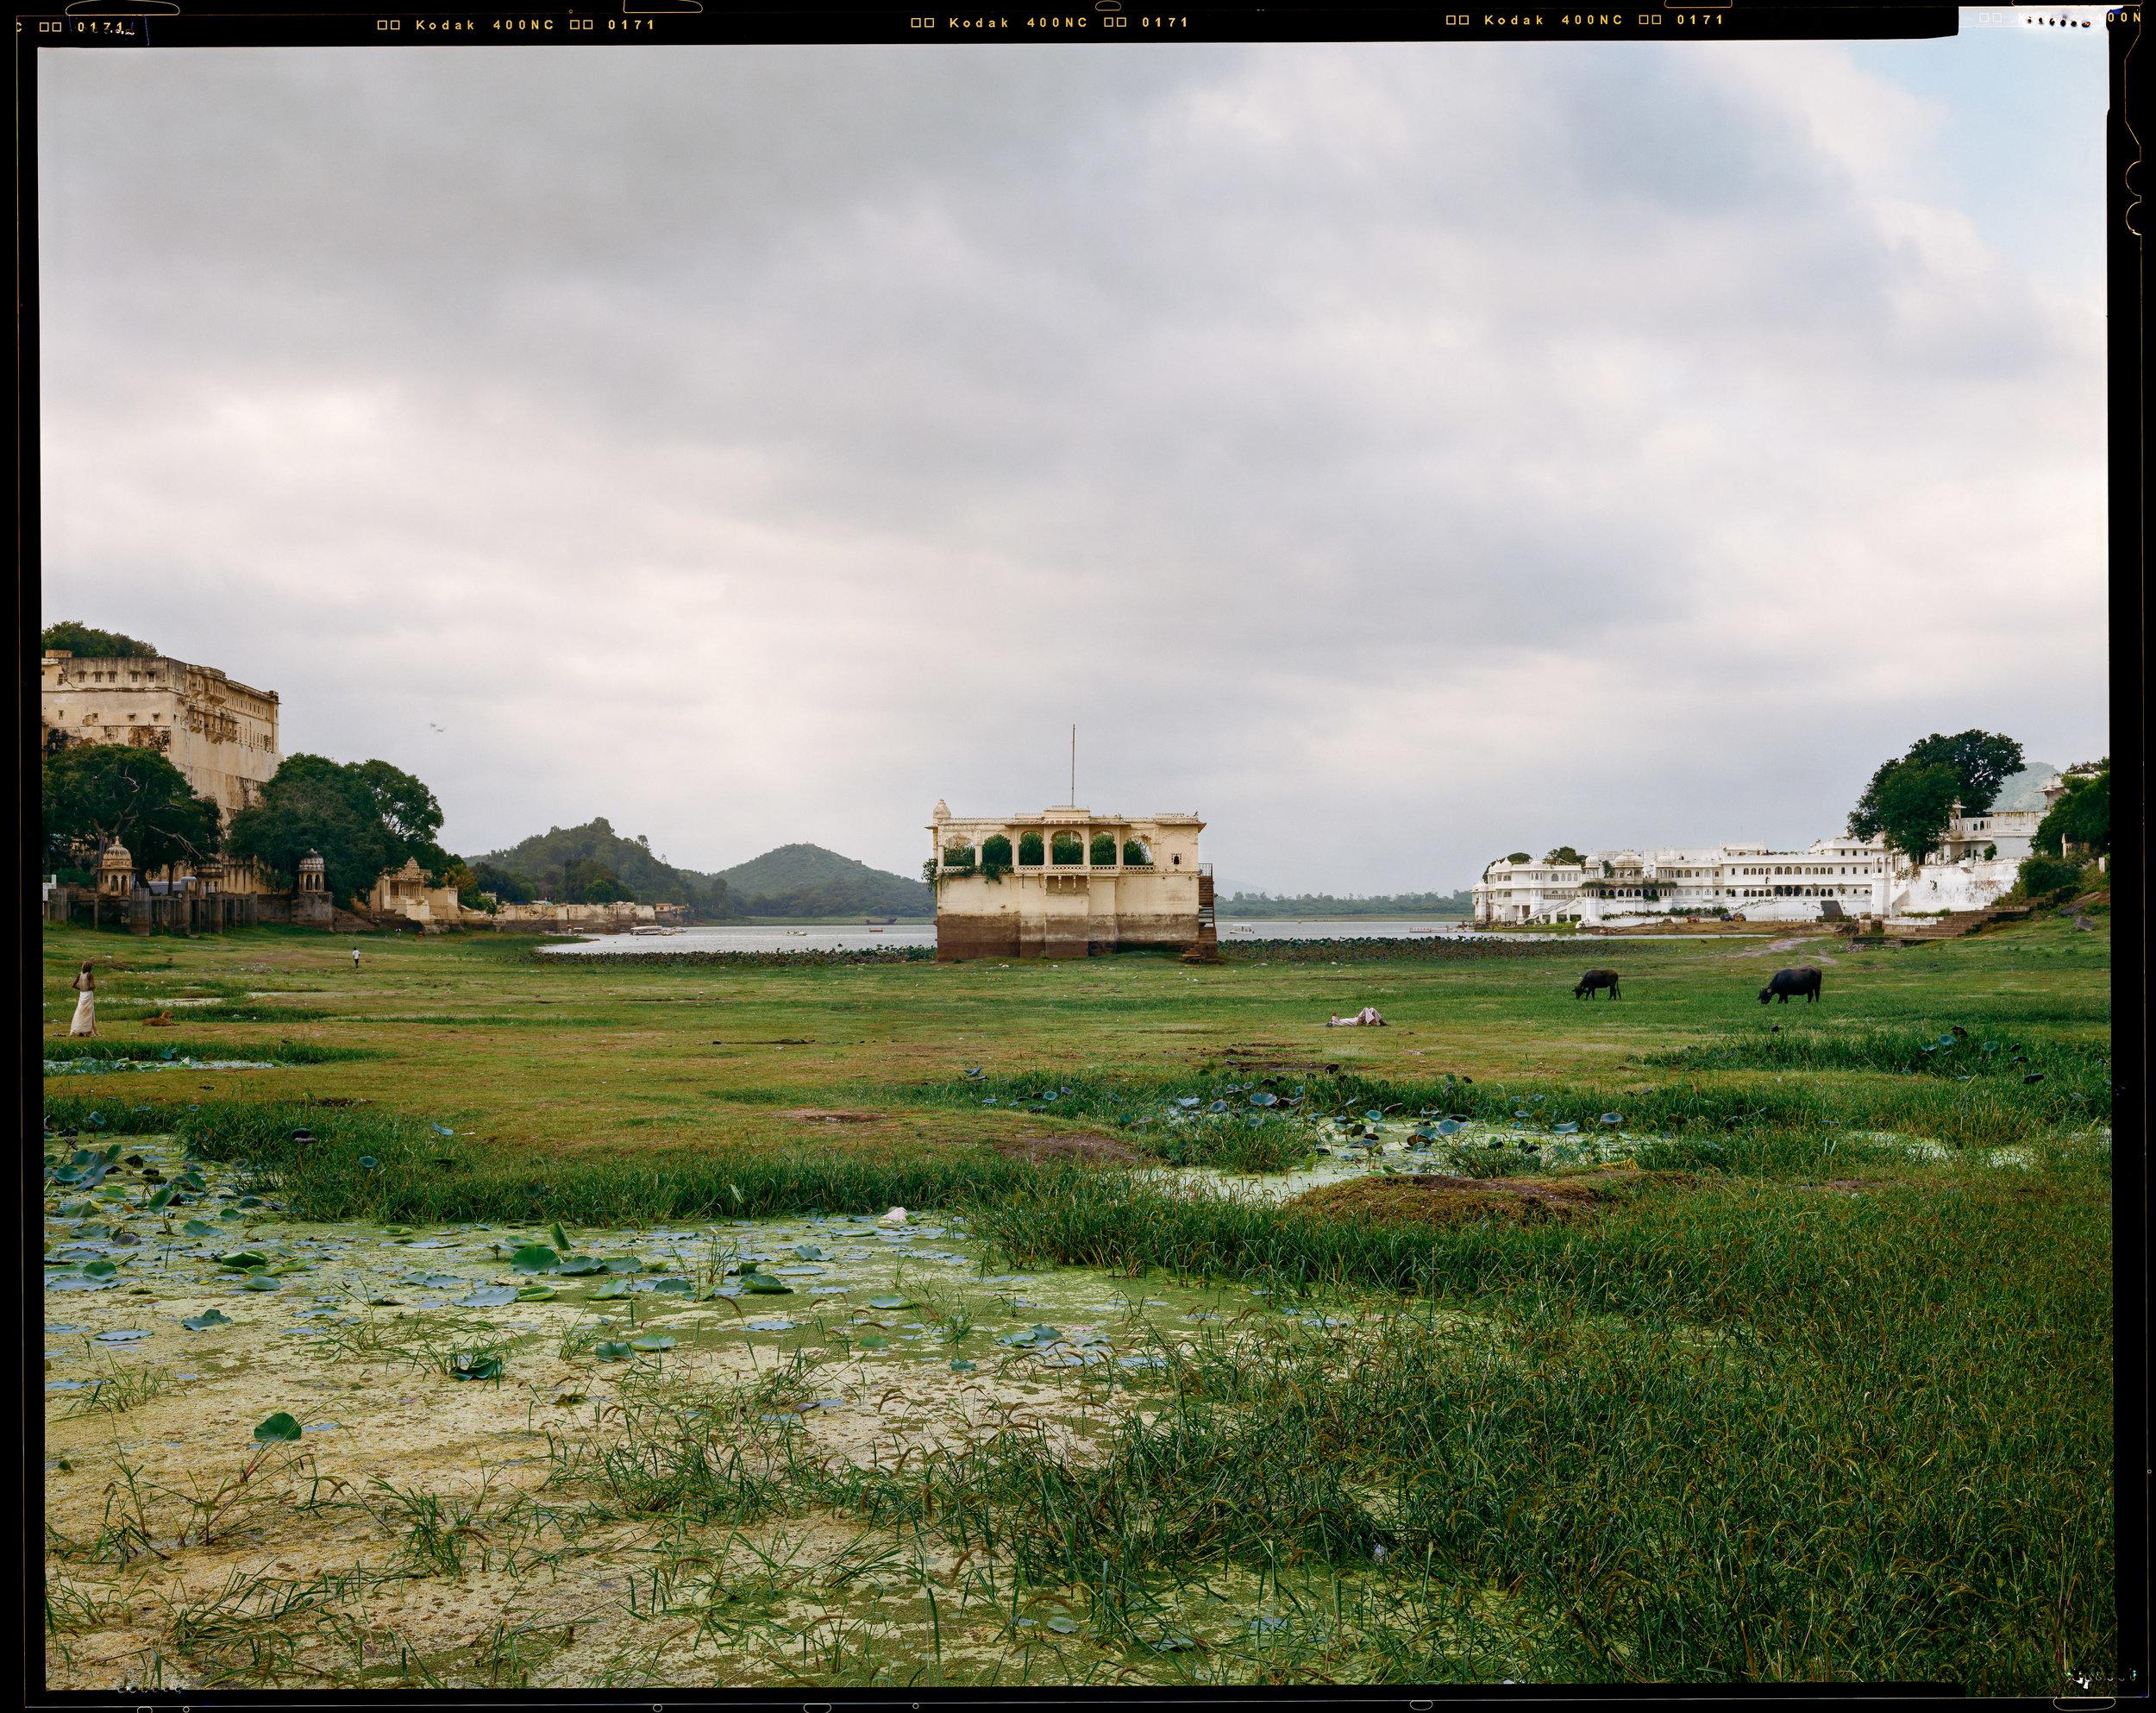 006___Utitled (Udaipur Lakebed).jpg